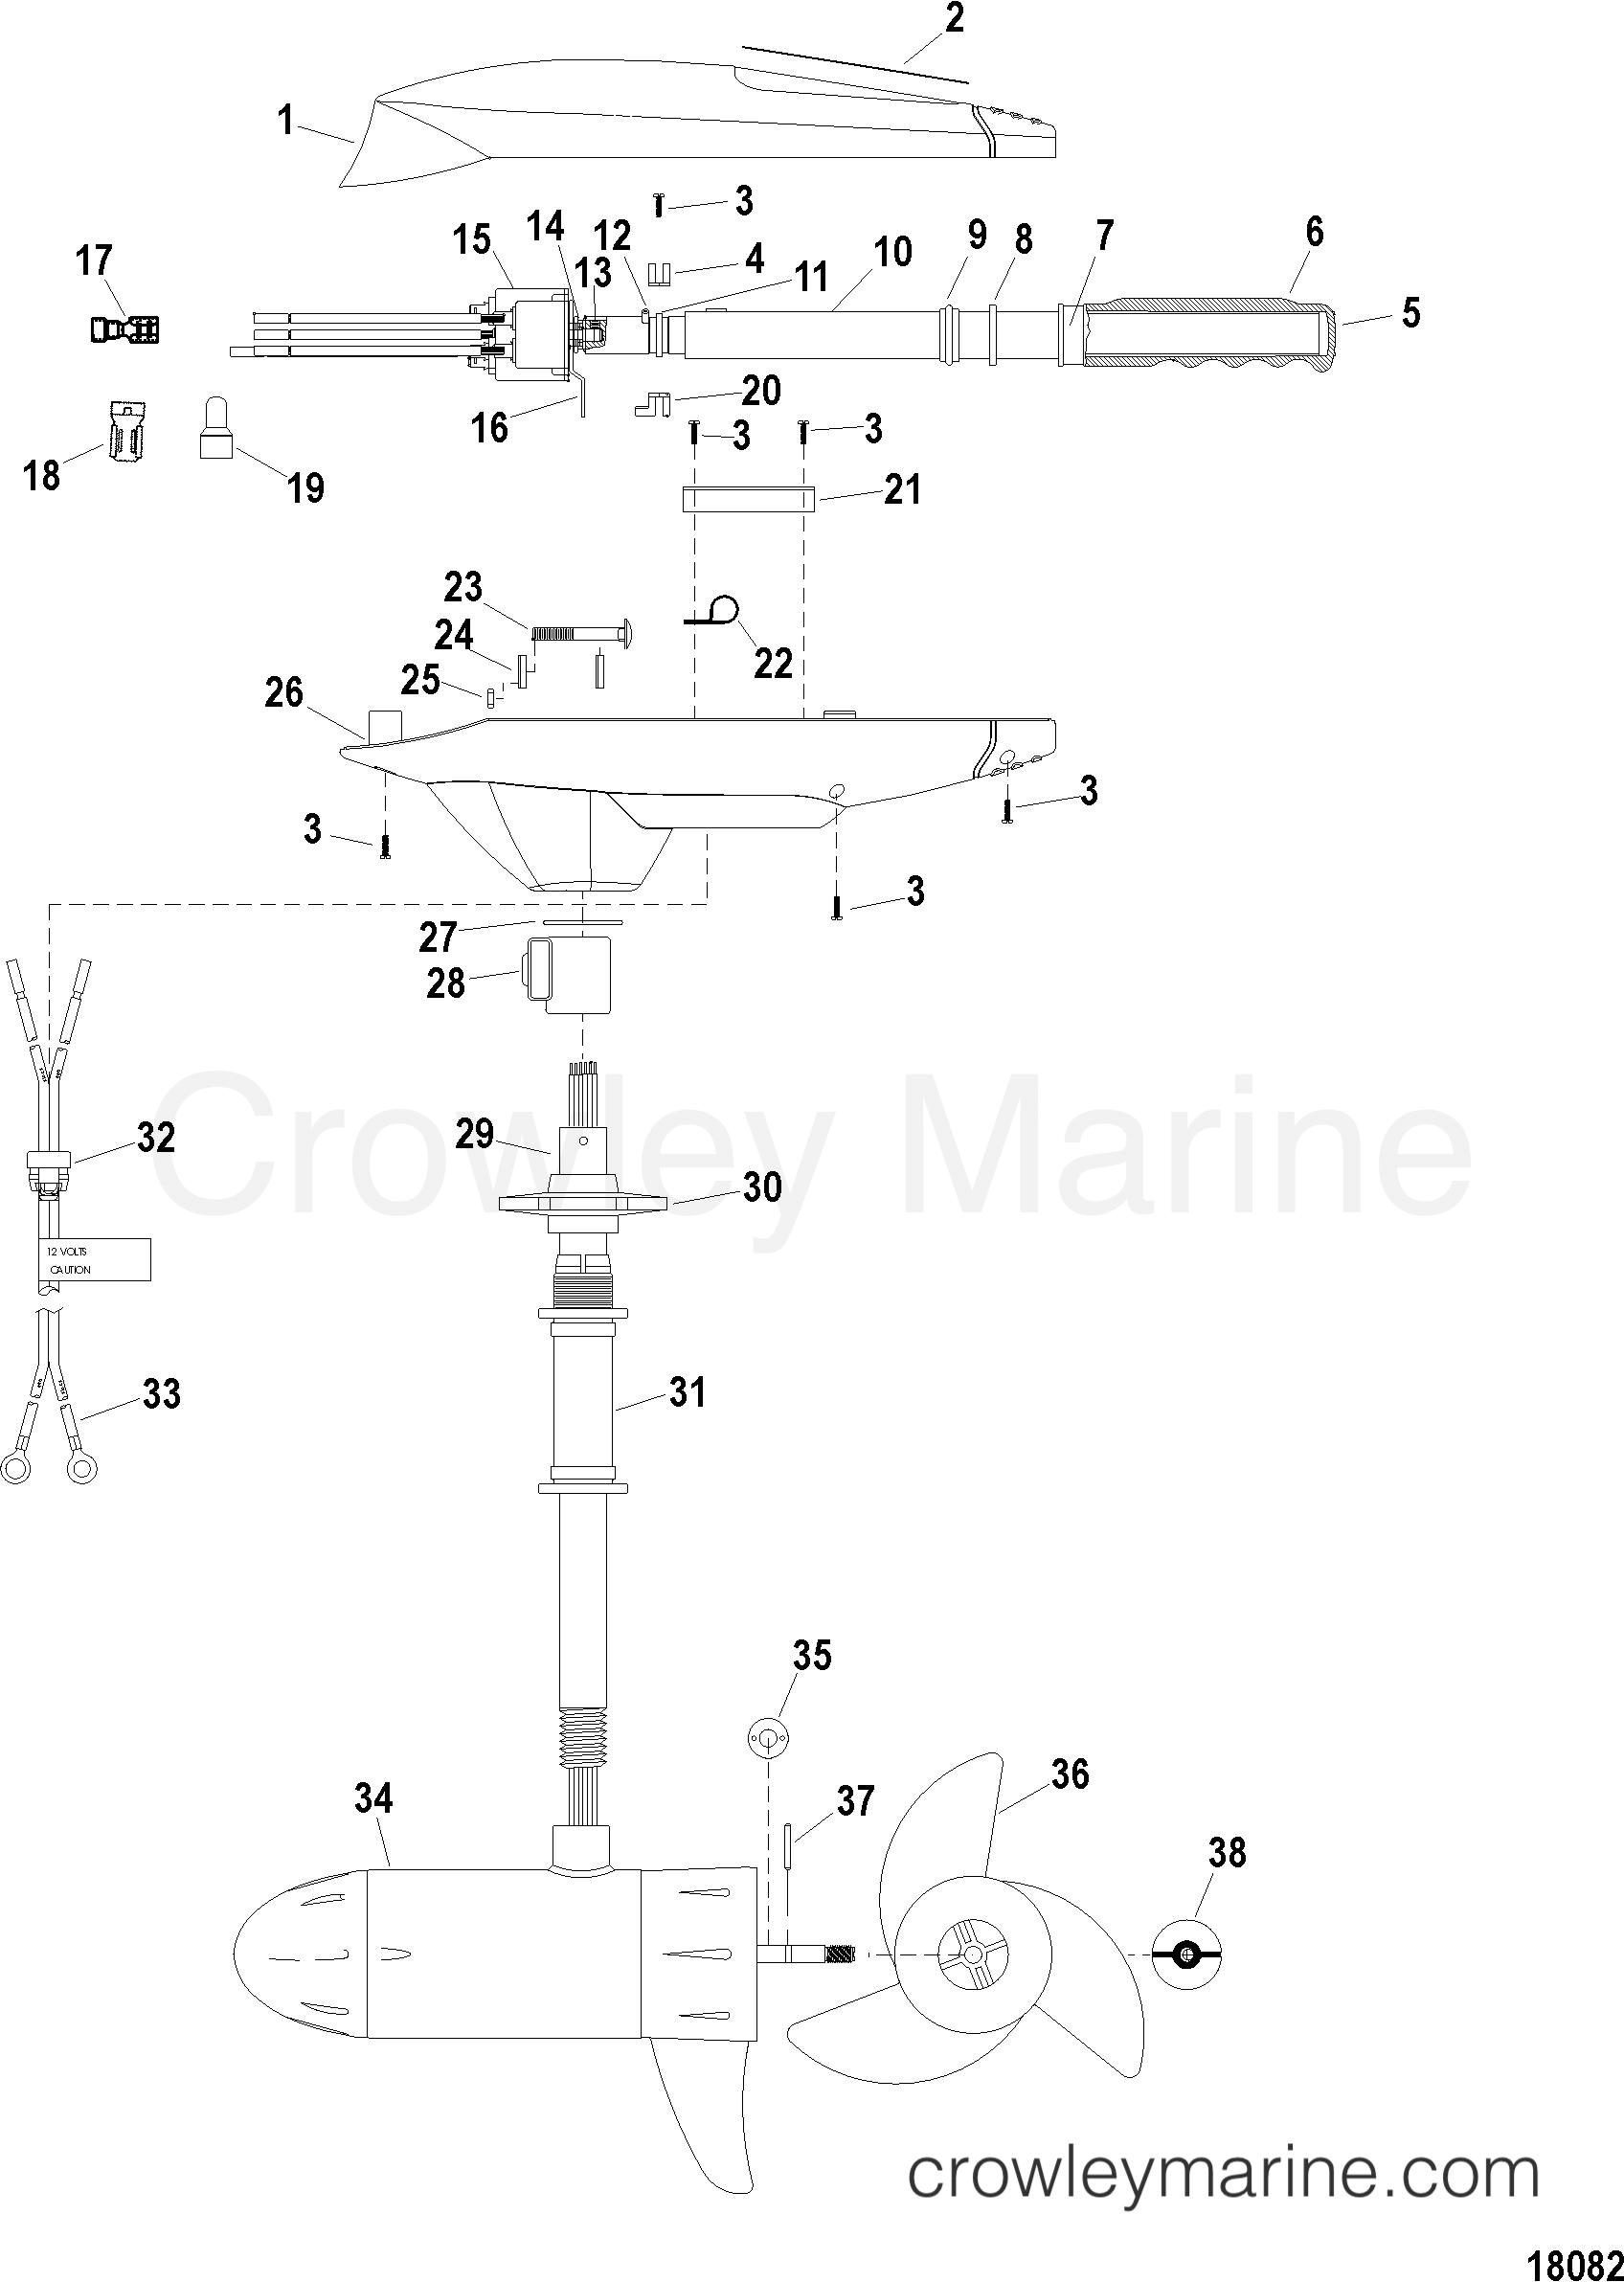 2005 MotorGuide 12V [MOTORGUIDE] - 921310040 COMPLETE TROLLING MOTOR(MODEL FW54HP) (12 VOLT) section